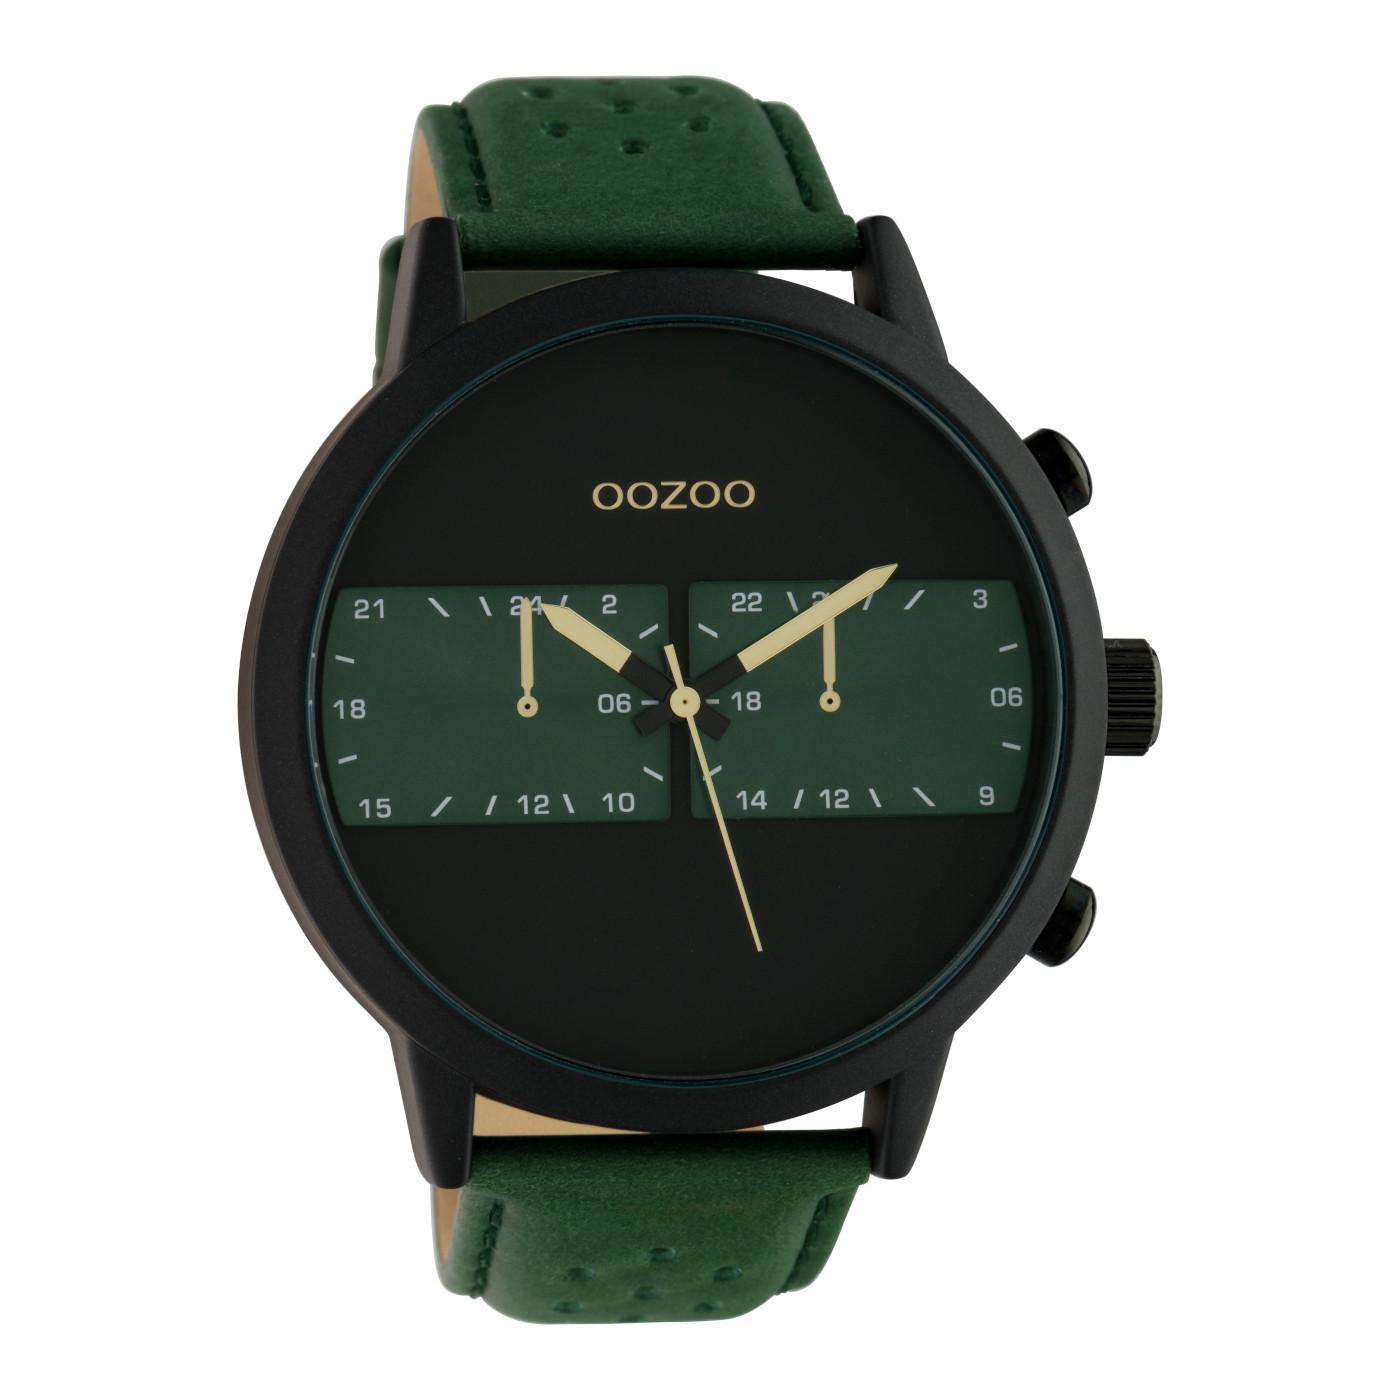 OOZOO Timepieces Groen/Zwart horloge C10300 (50 mm)